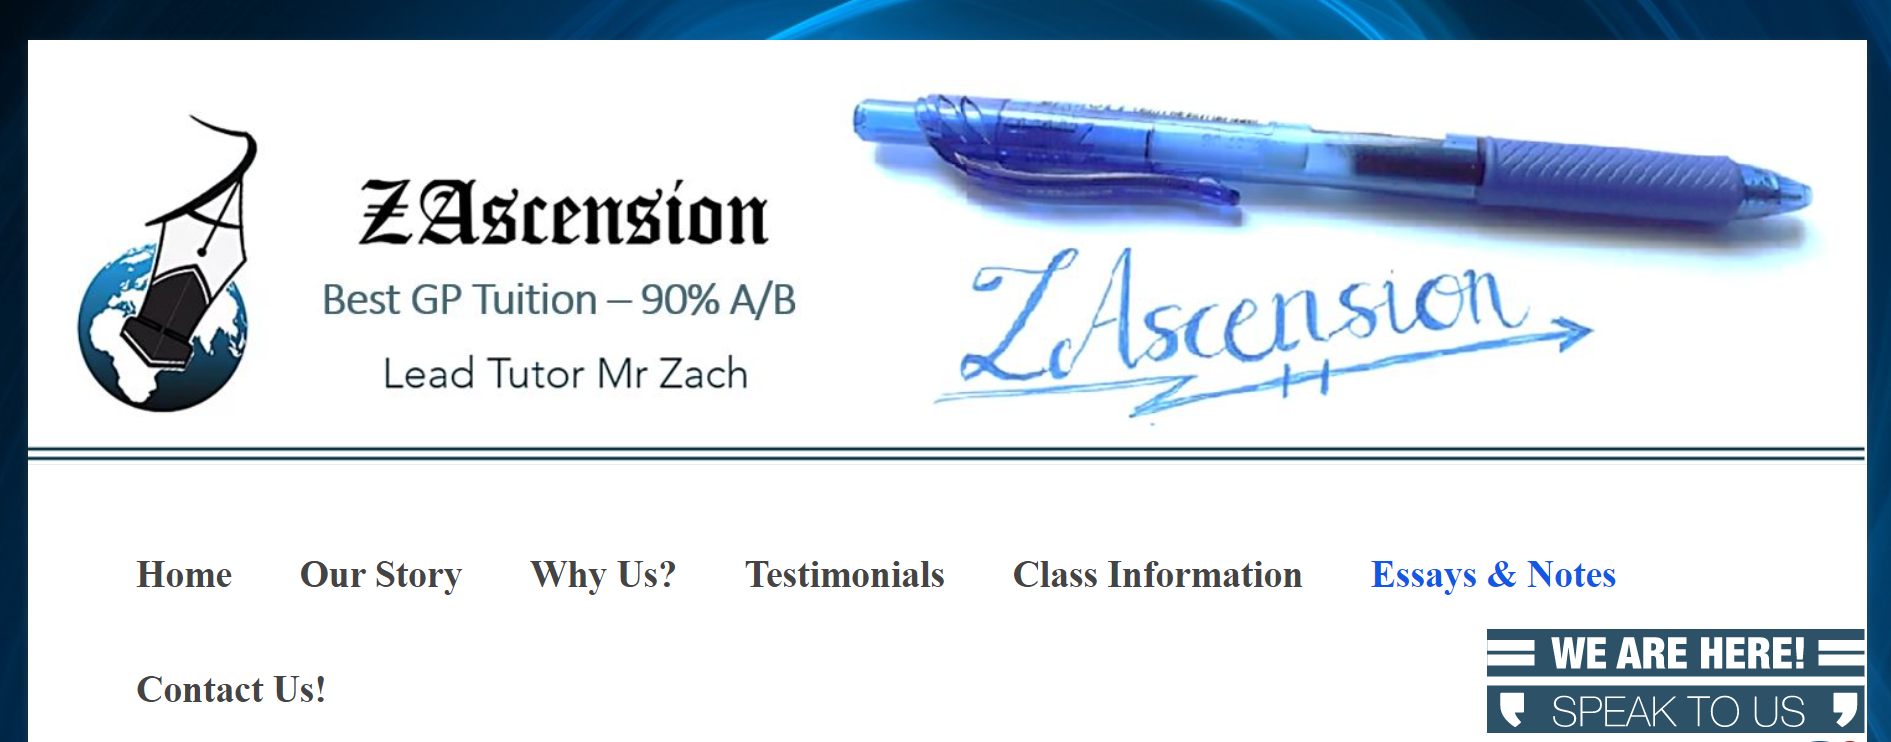 ZAscension GP Tuition